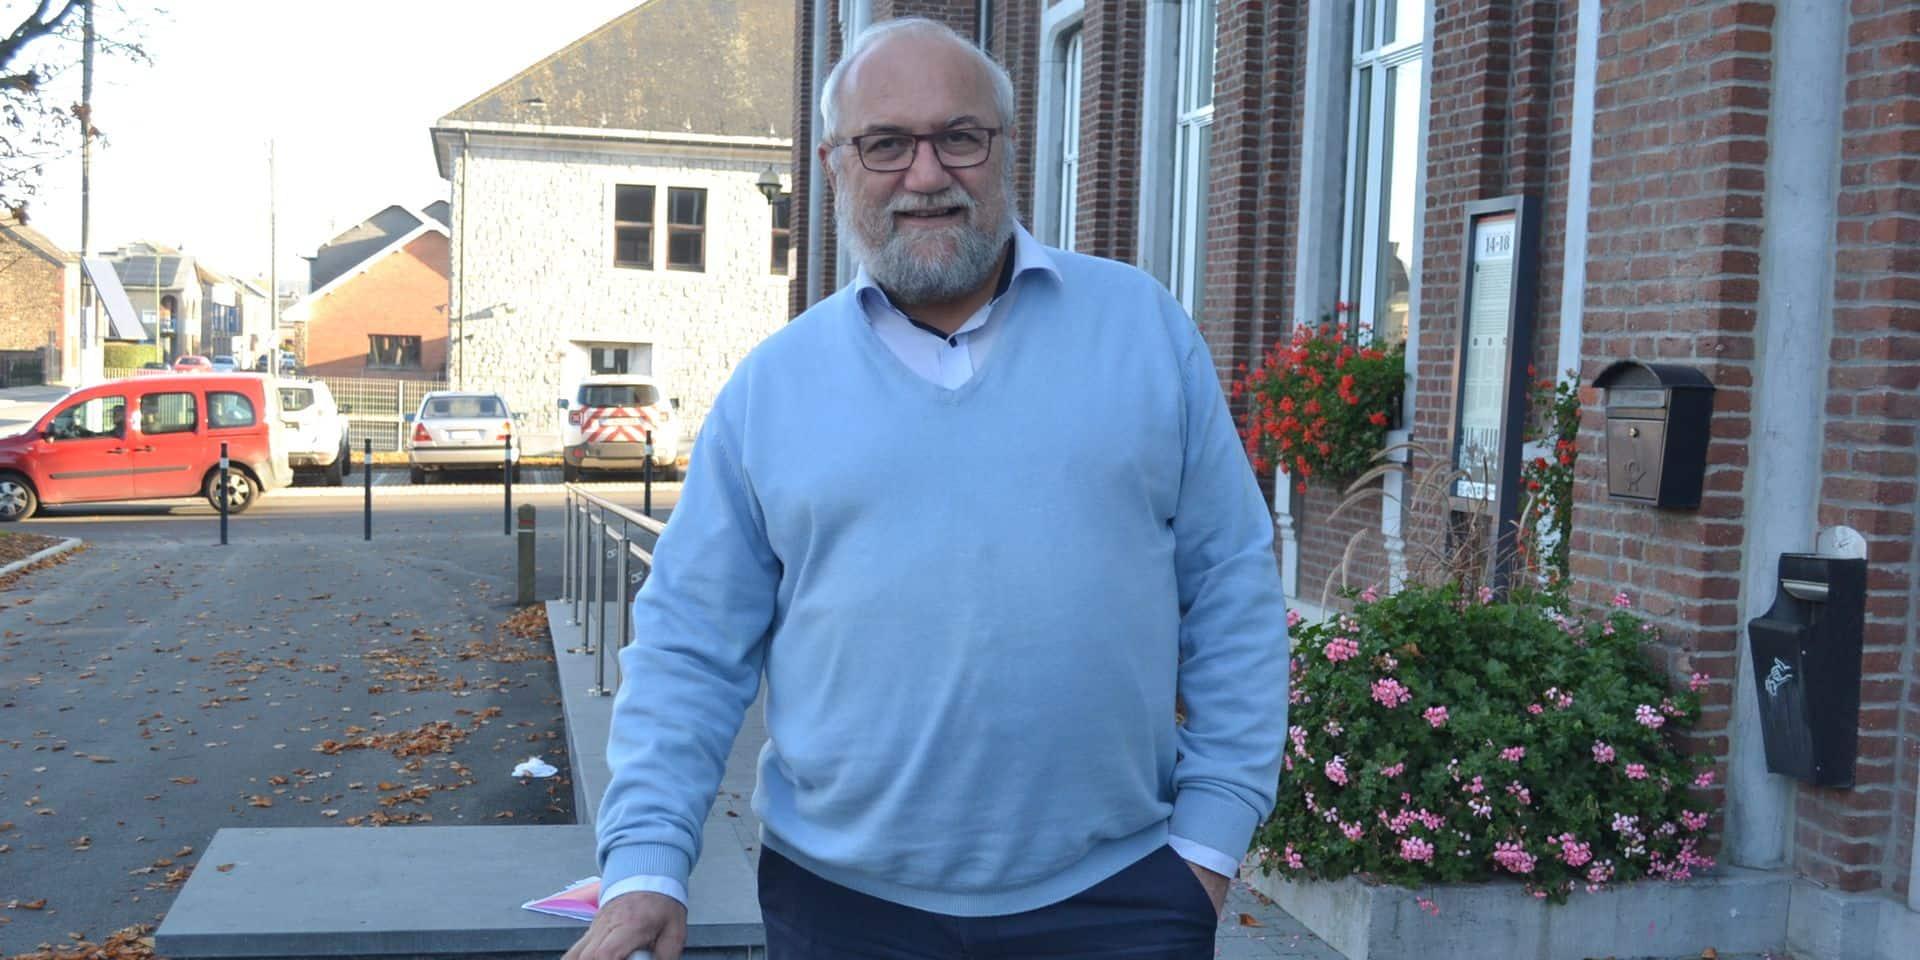 Jacques Chaplier : « Ni chars ni mitrailleuses dans les rues de Hotton »